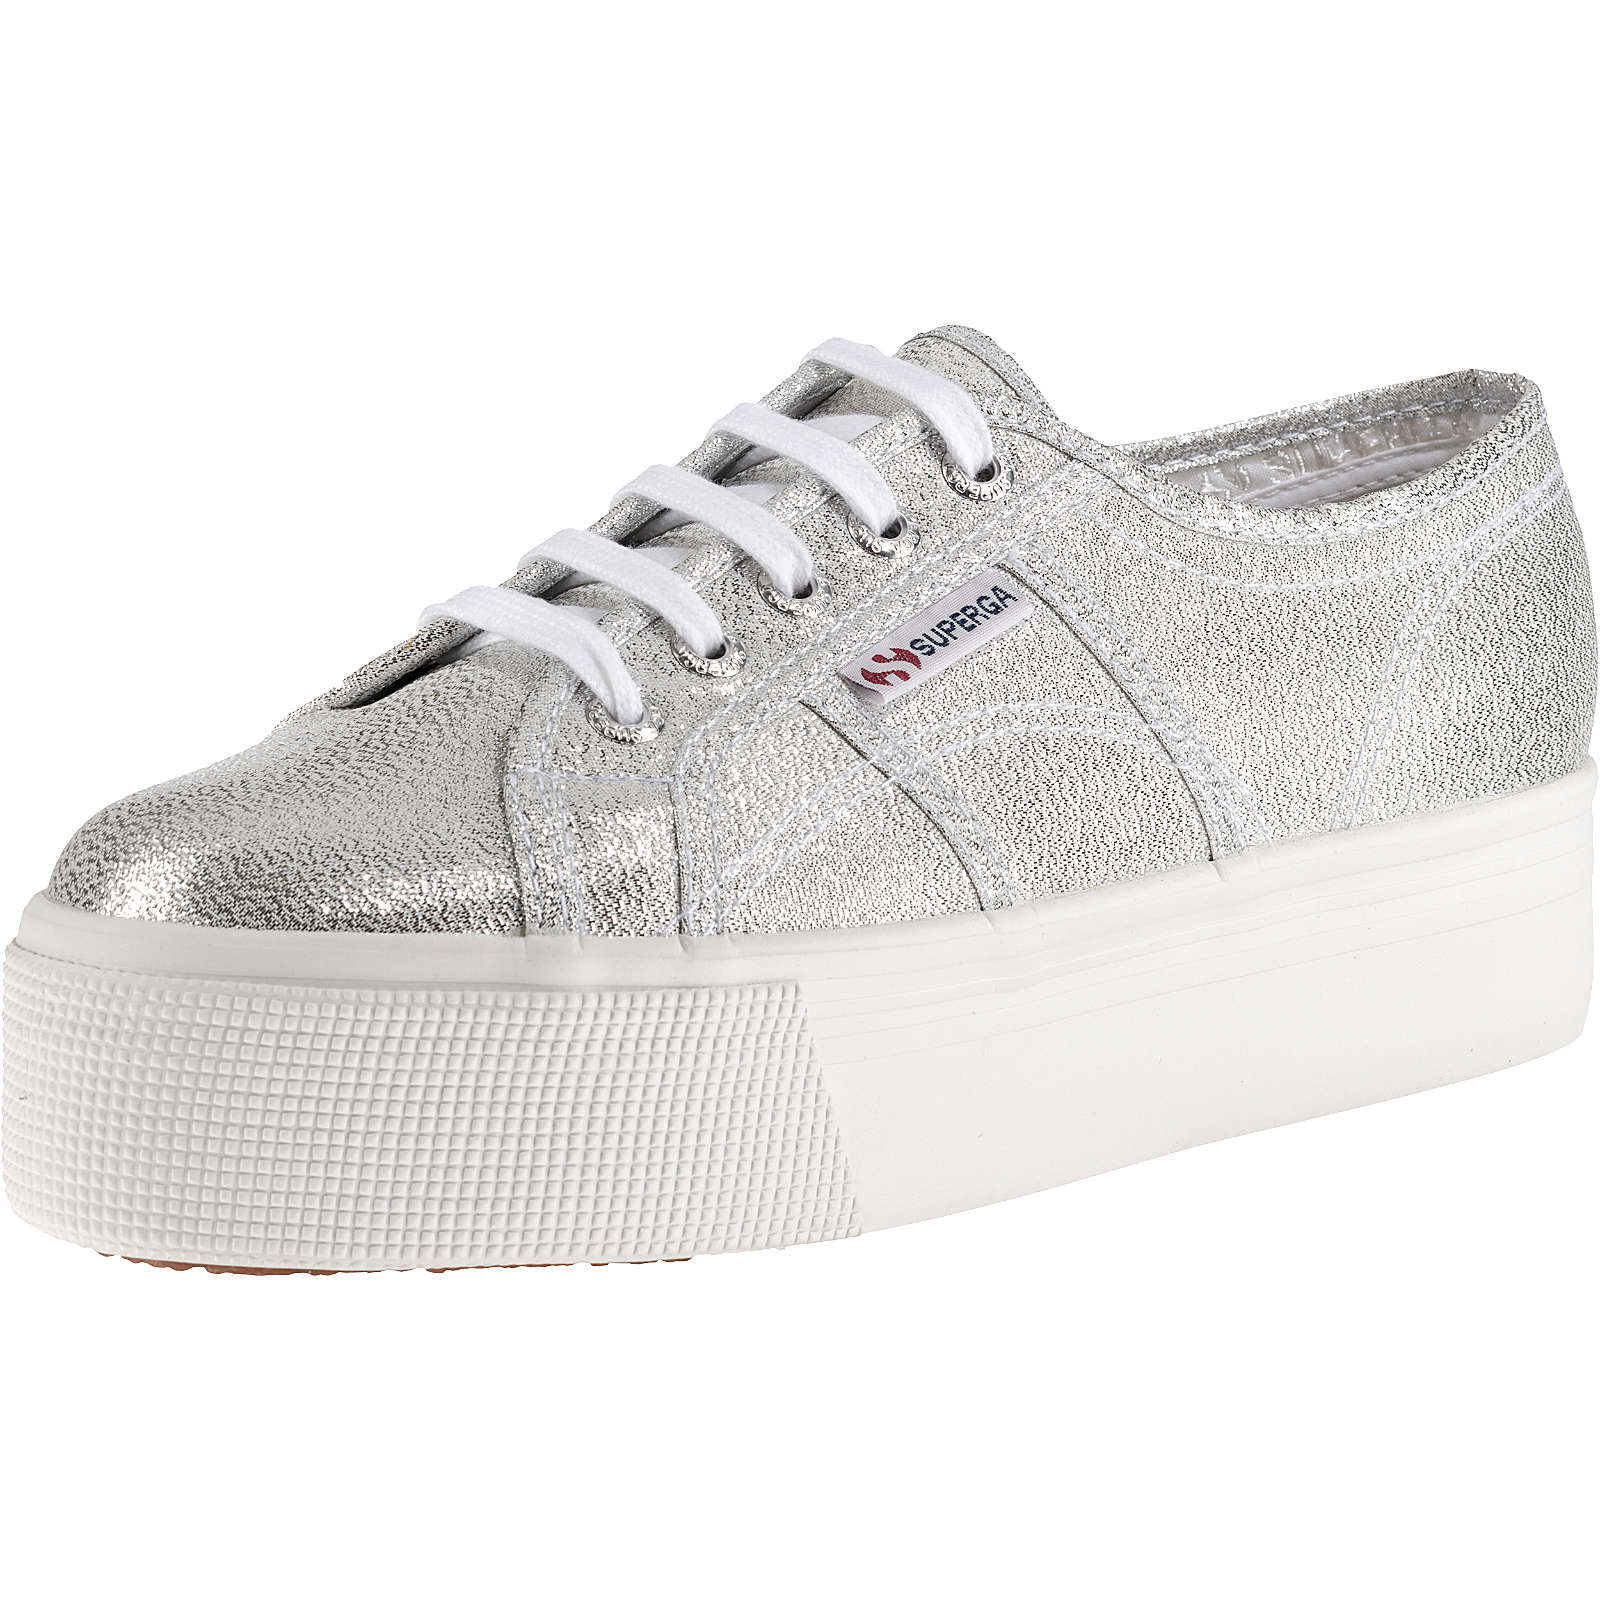 Superga® 2790 LAMEW Sneakers Low silber Damen Gr. 40